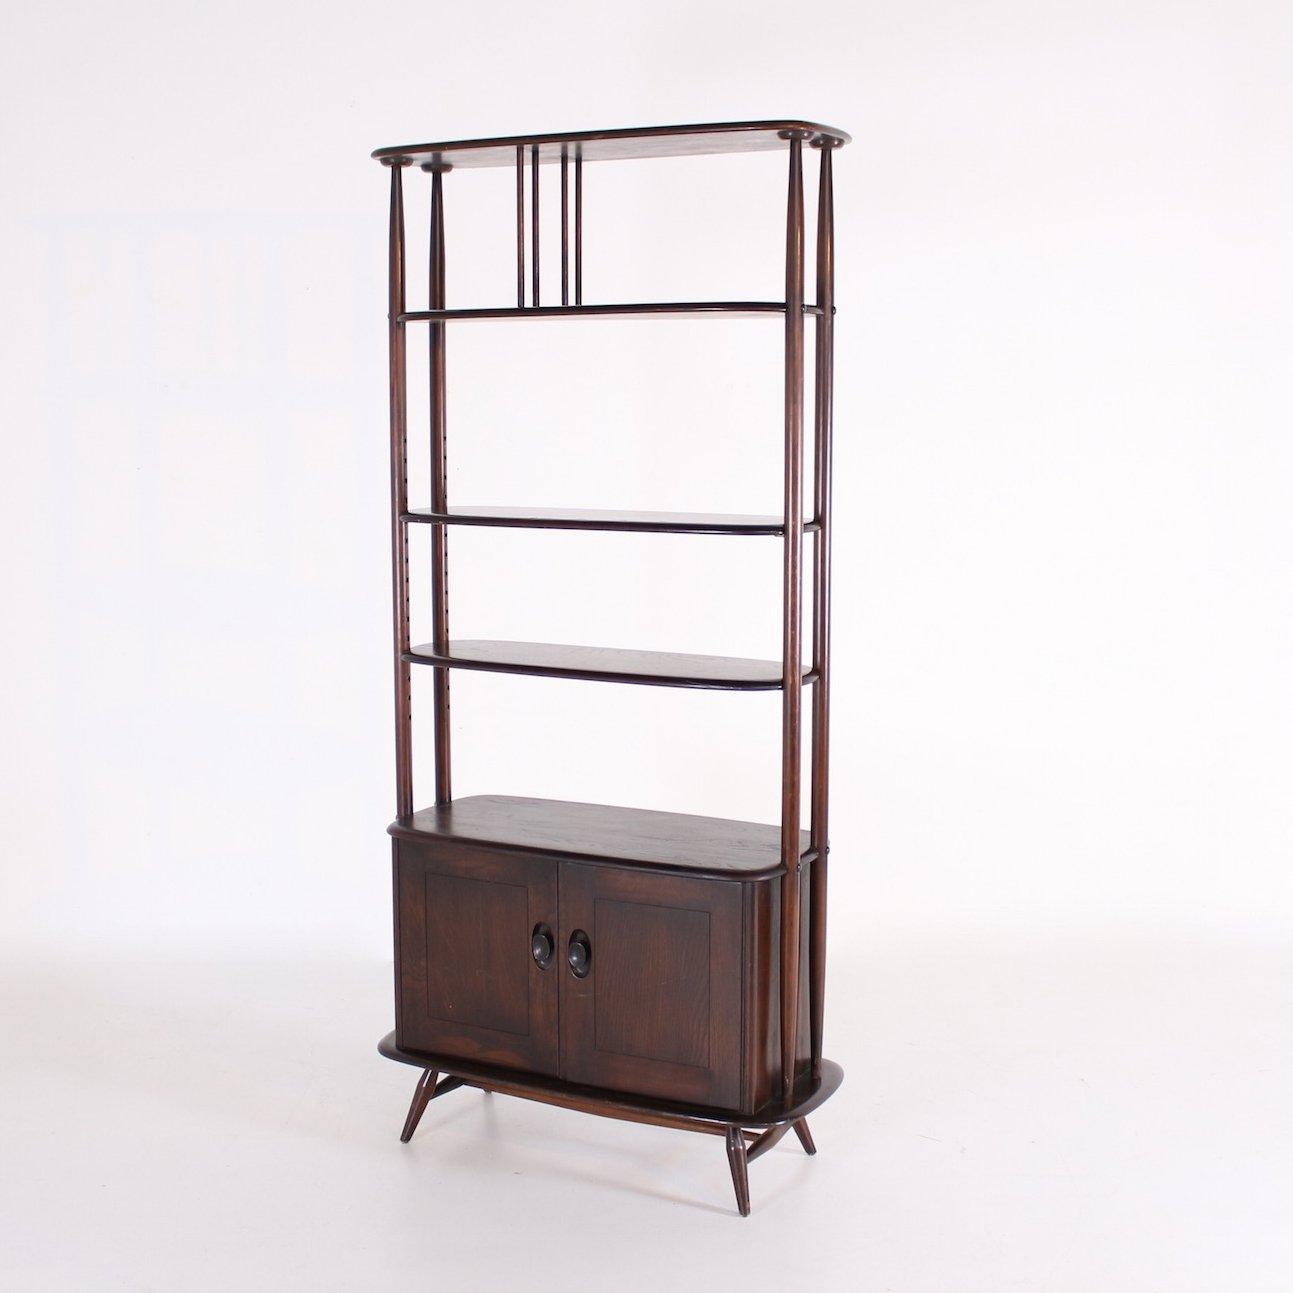 Lucian Ercolani For Ercol Bookcase Room Divider 94251